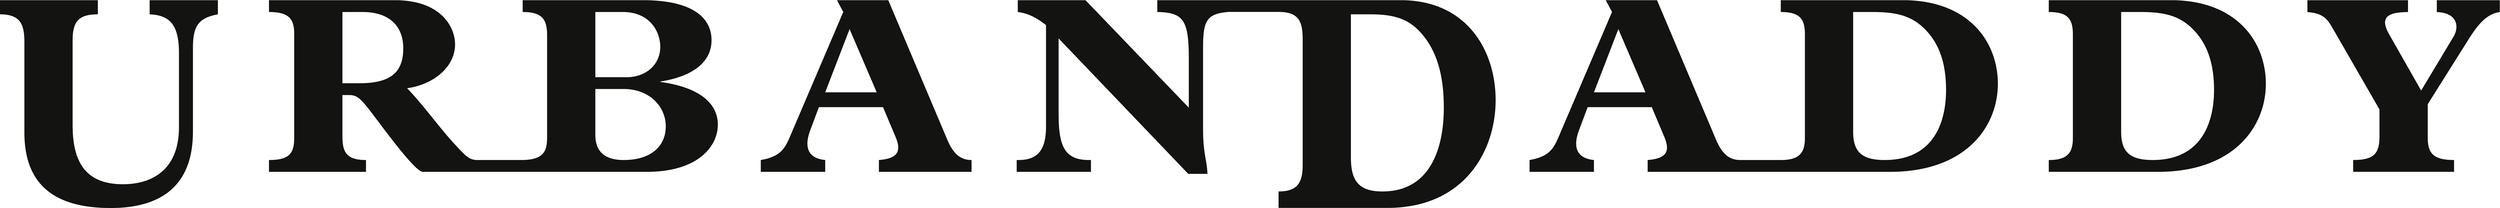 Urban Daddy Publication Logo